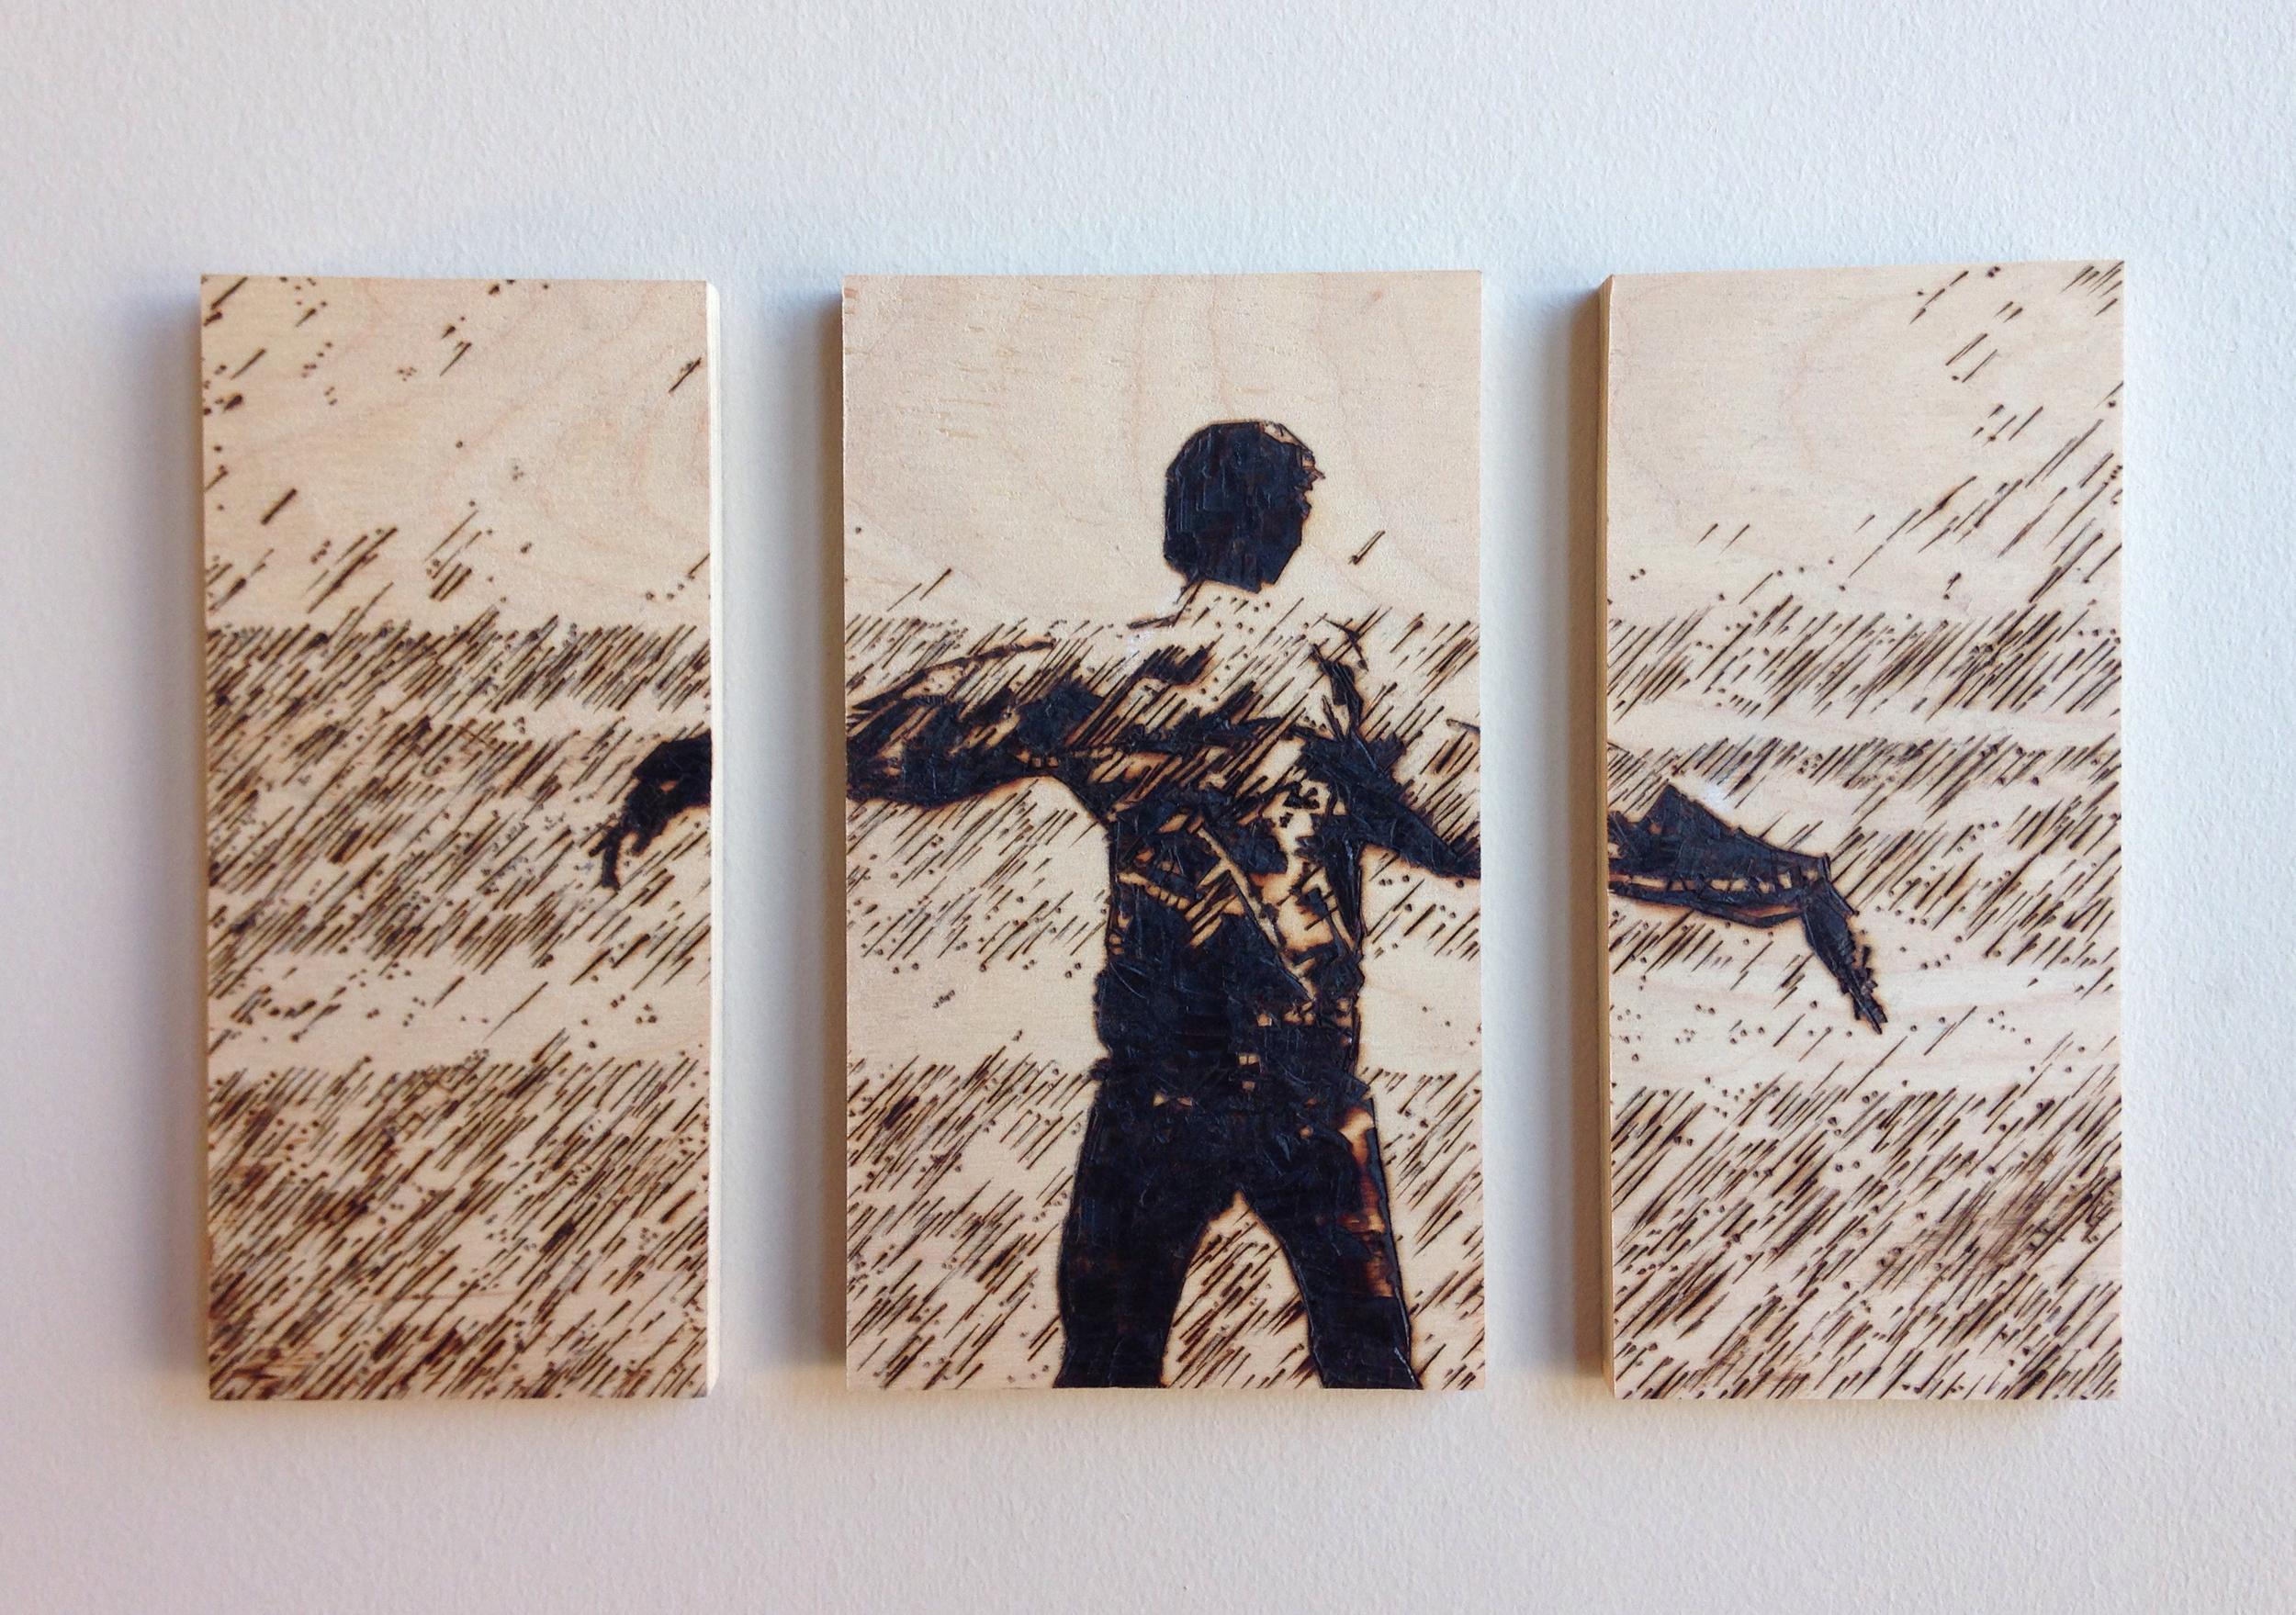 """Untitled   –   10.5 """"x6.5"""" pyrographic burning on plywood."""